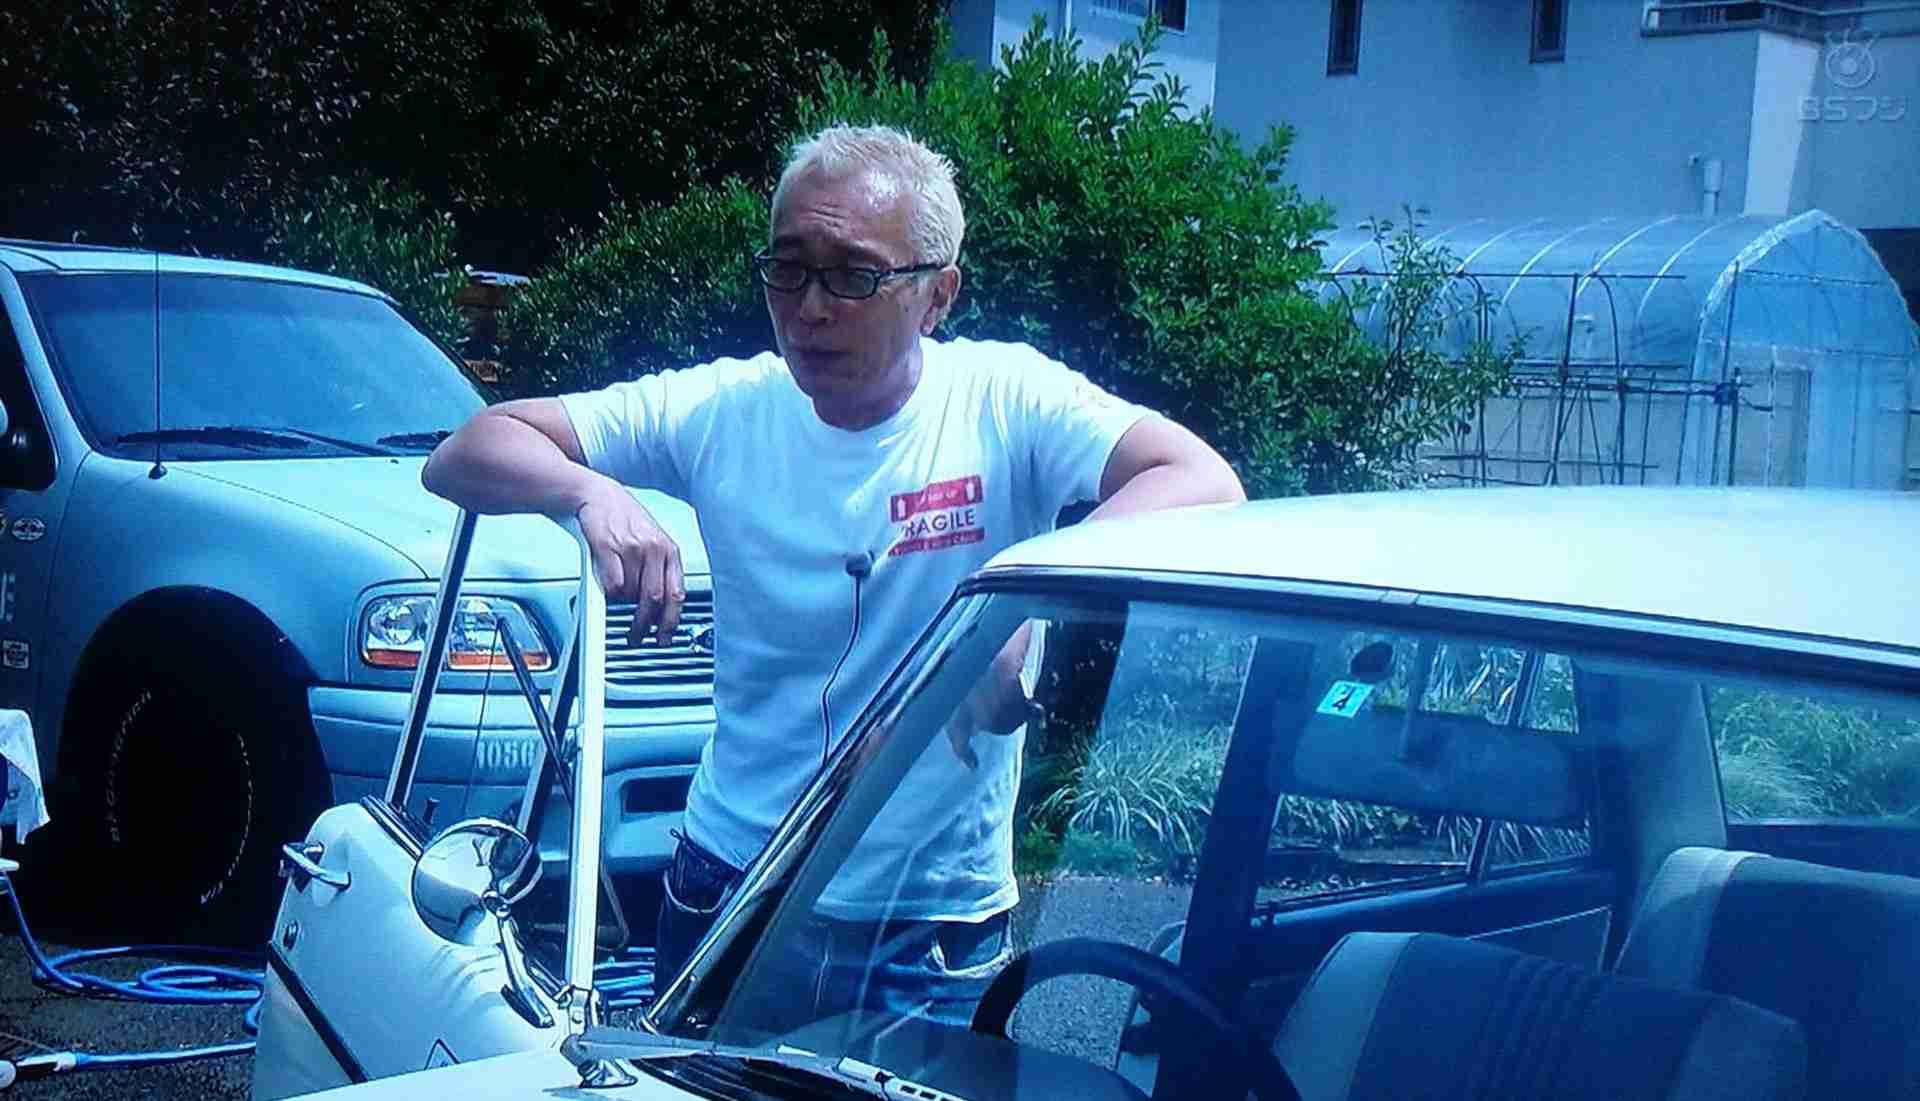 所ジョージ、アイスクリームを買いに行く(再放送)【所さんの世田谷ベース】 - 踊る!せたがや通信